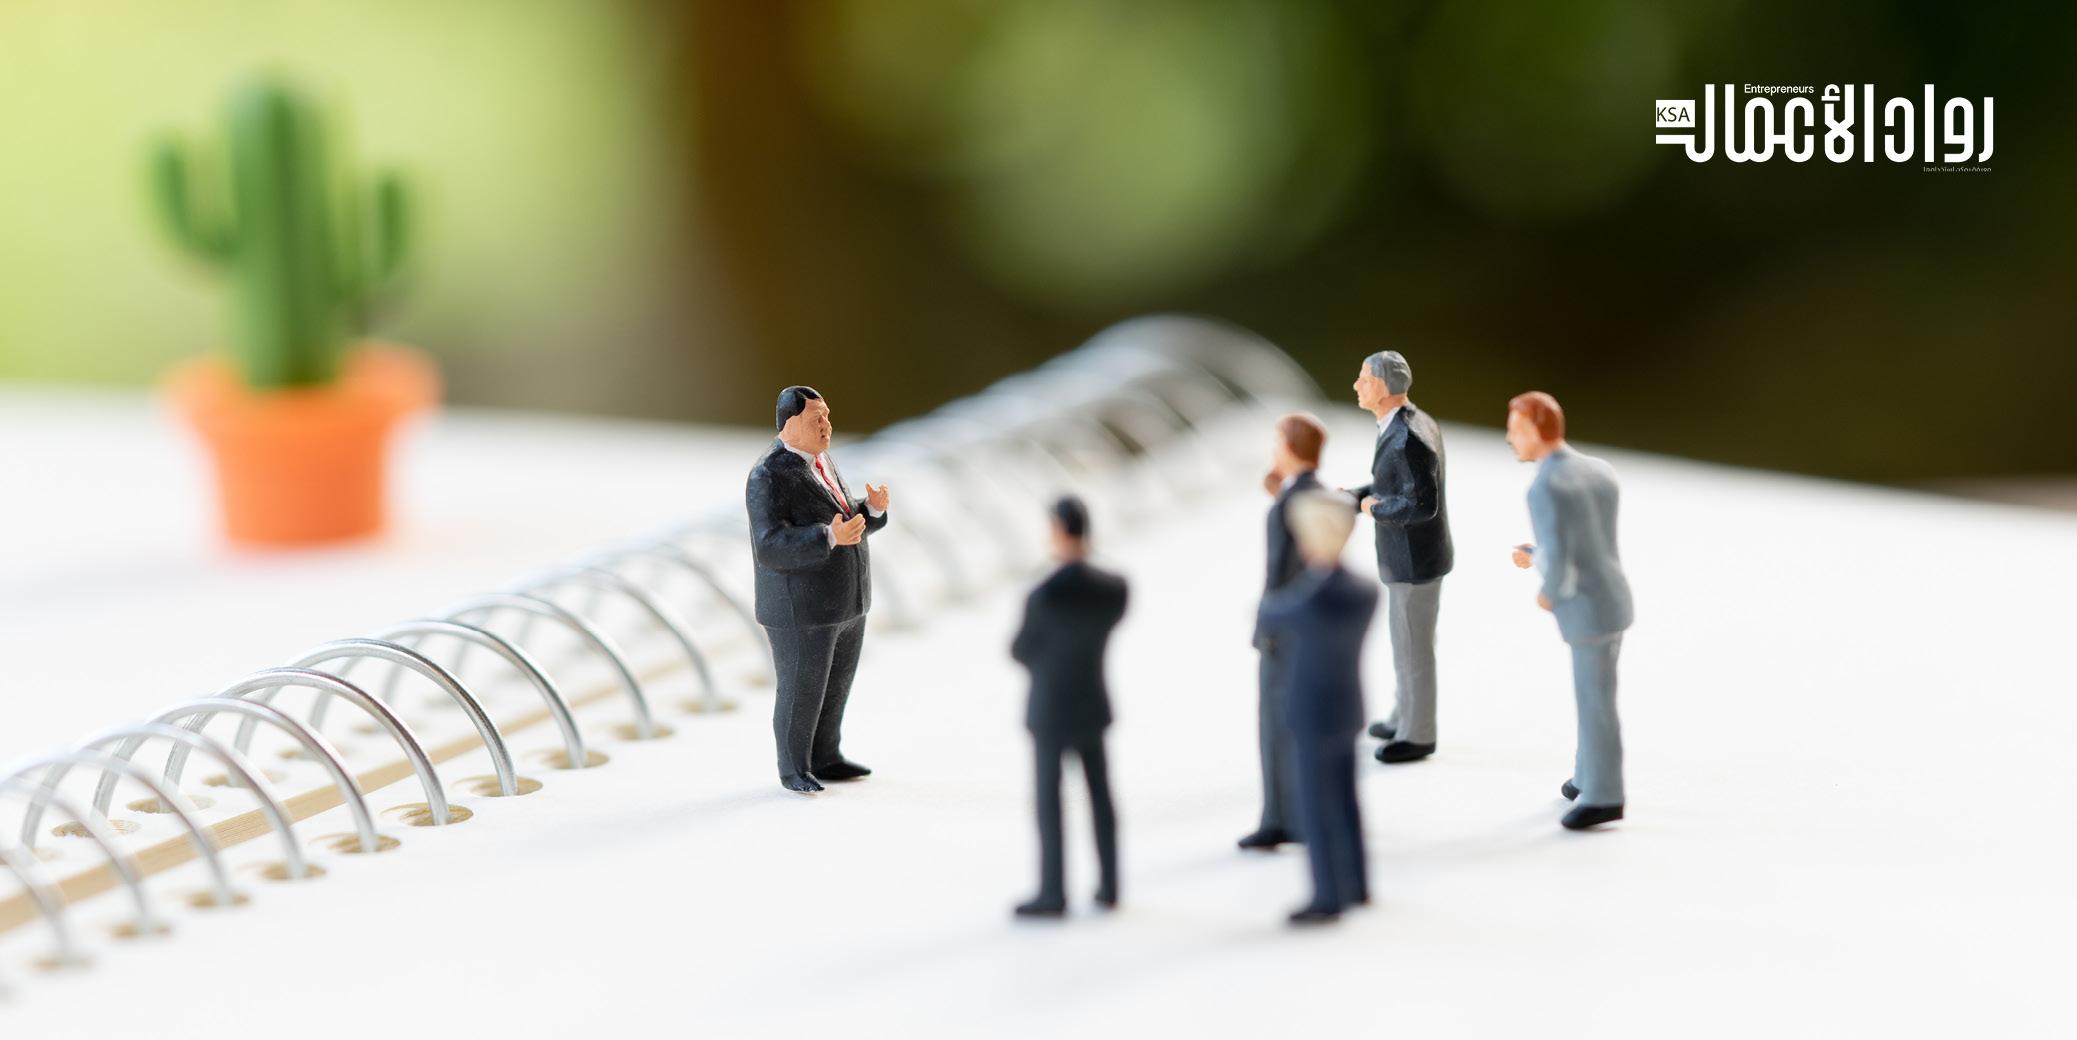 كيف تعيد تنظيم شركتك